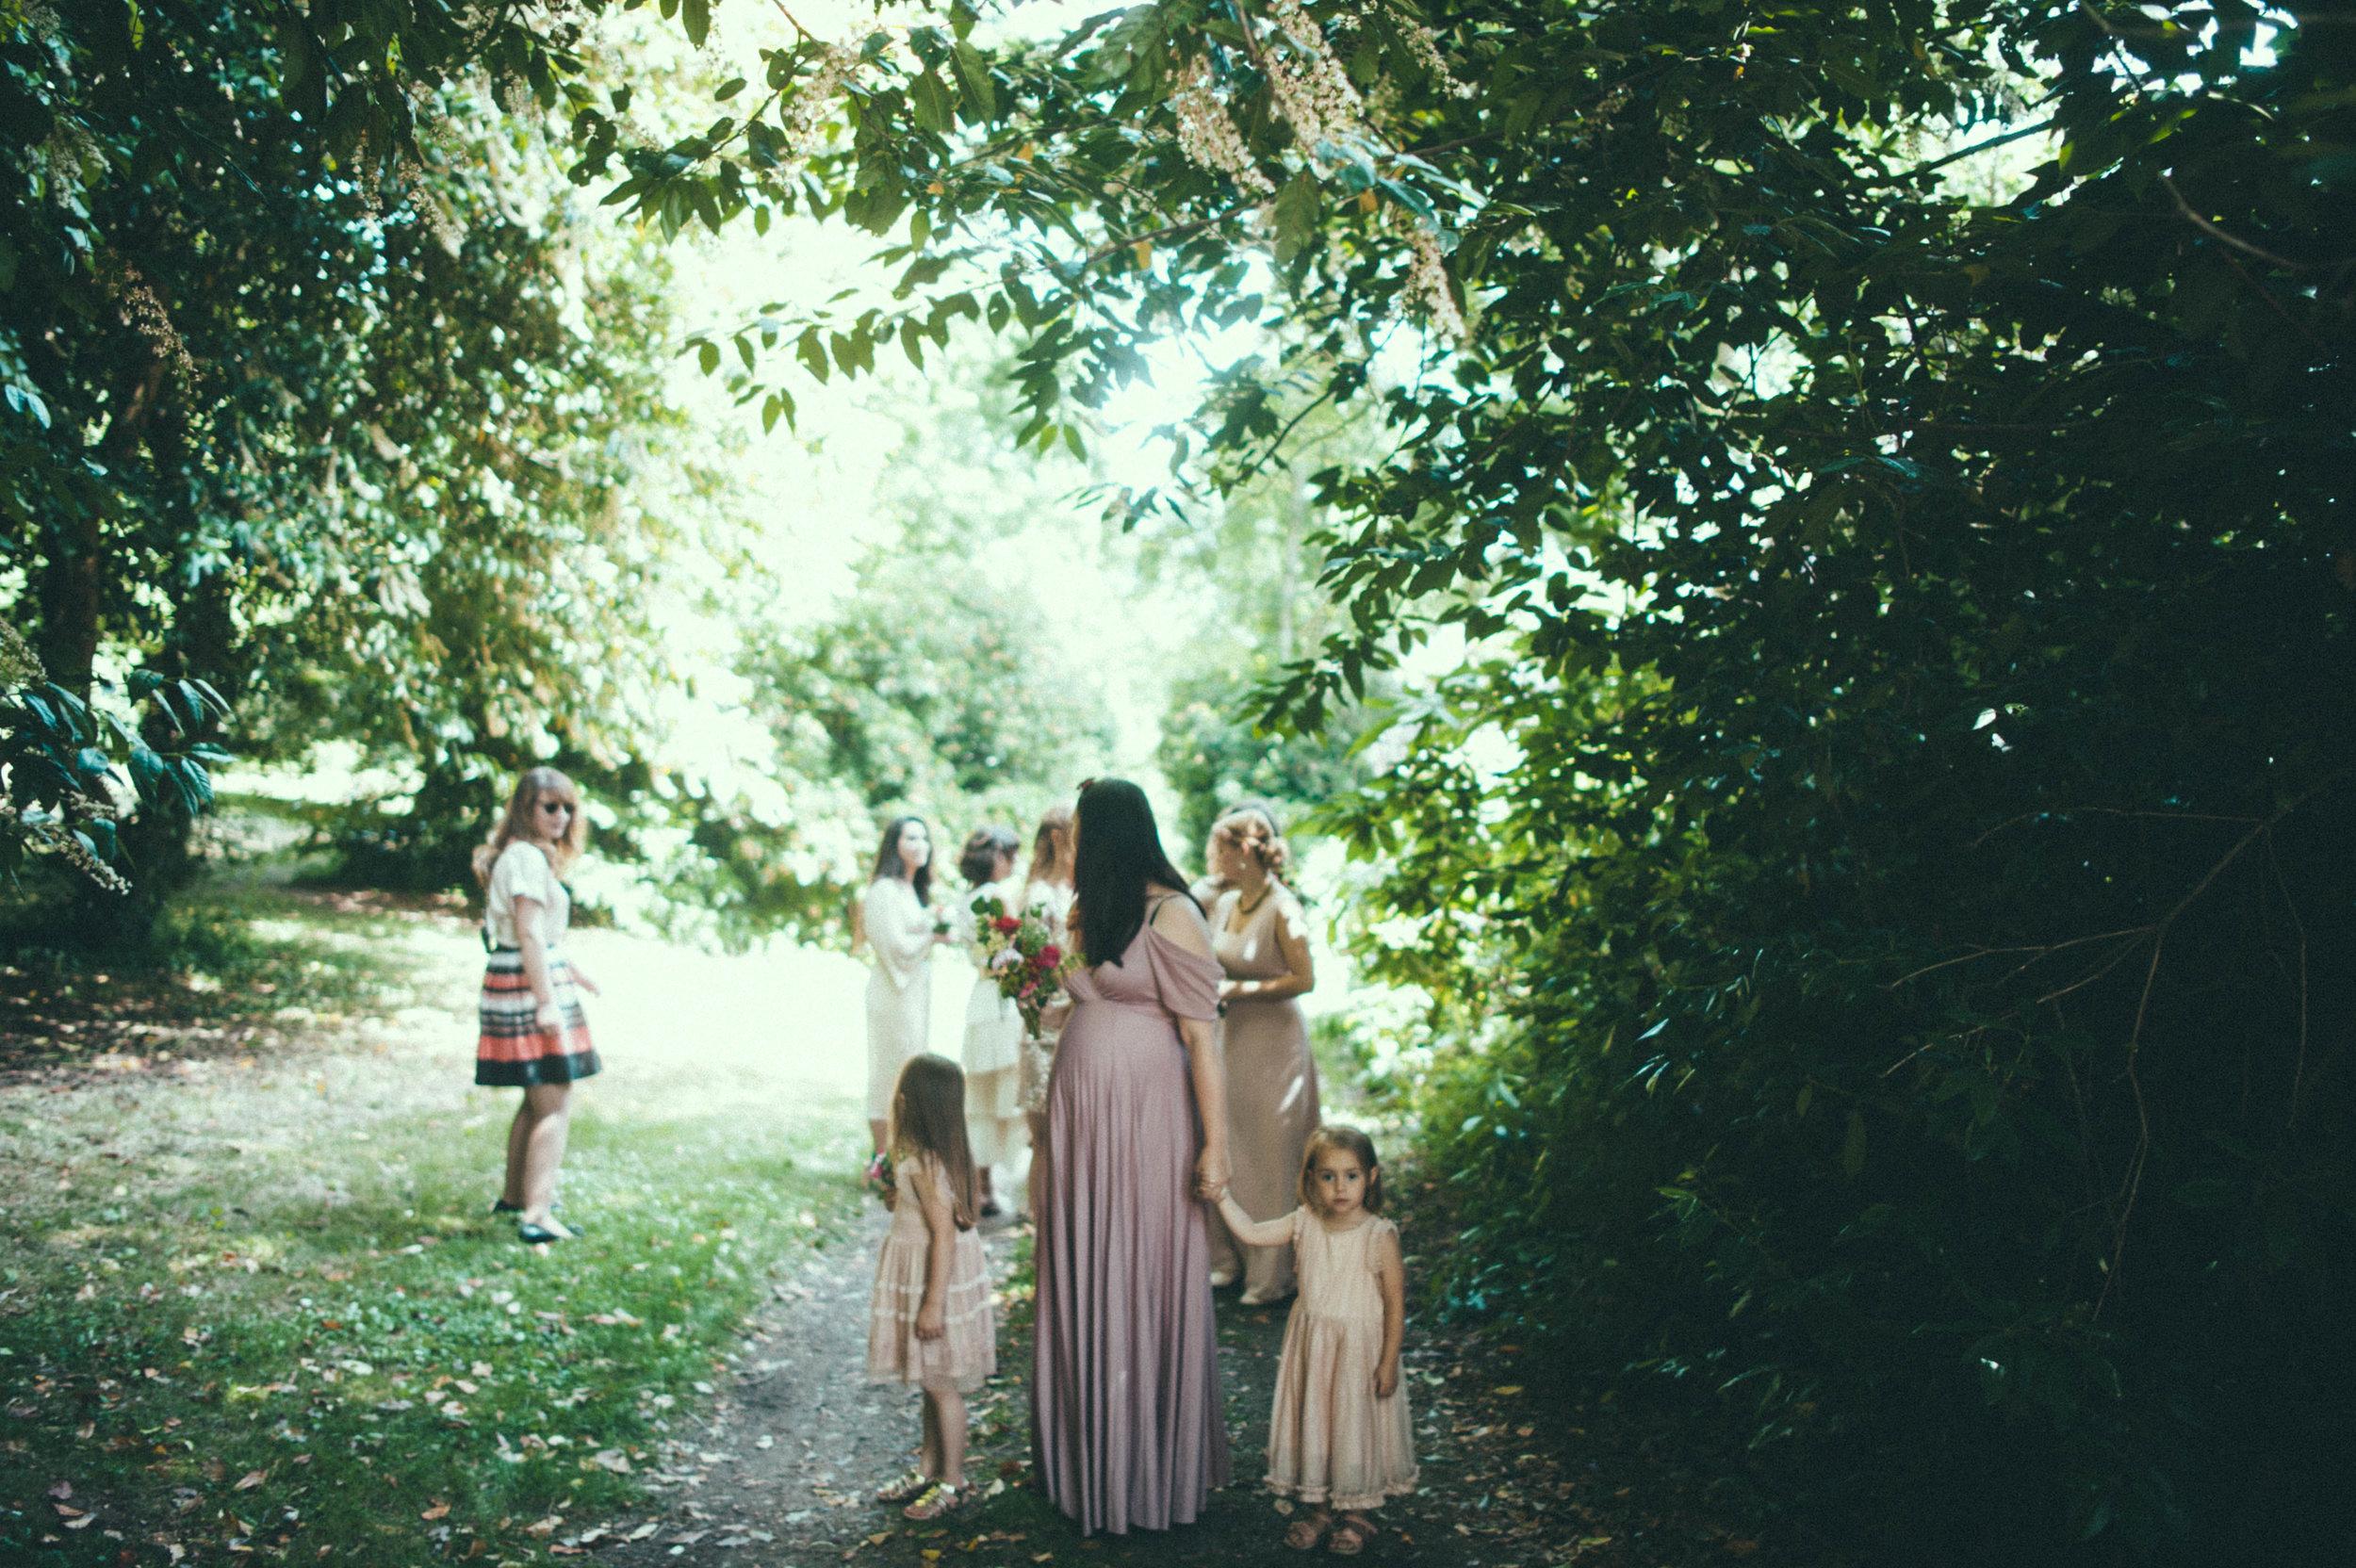 powderham castle wedding 04.jpg